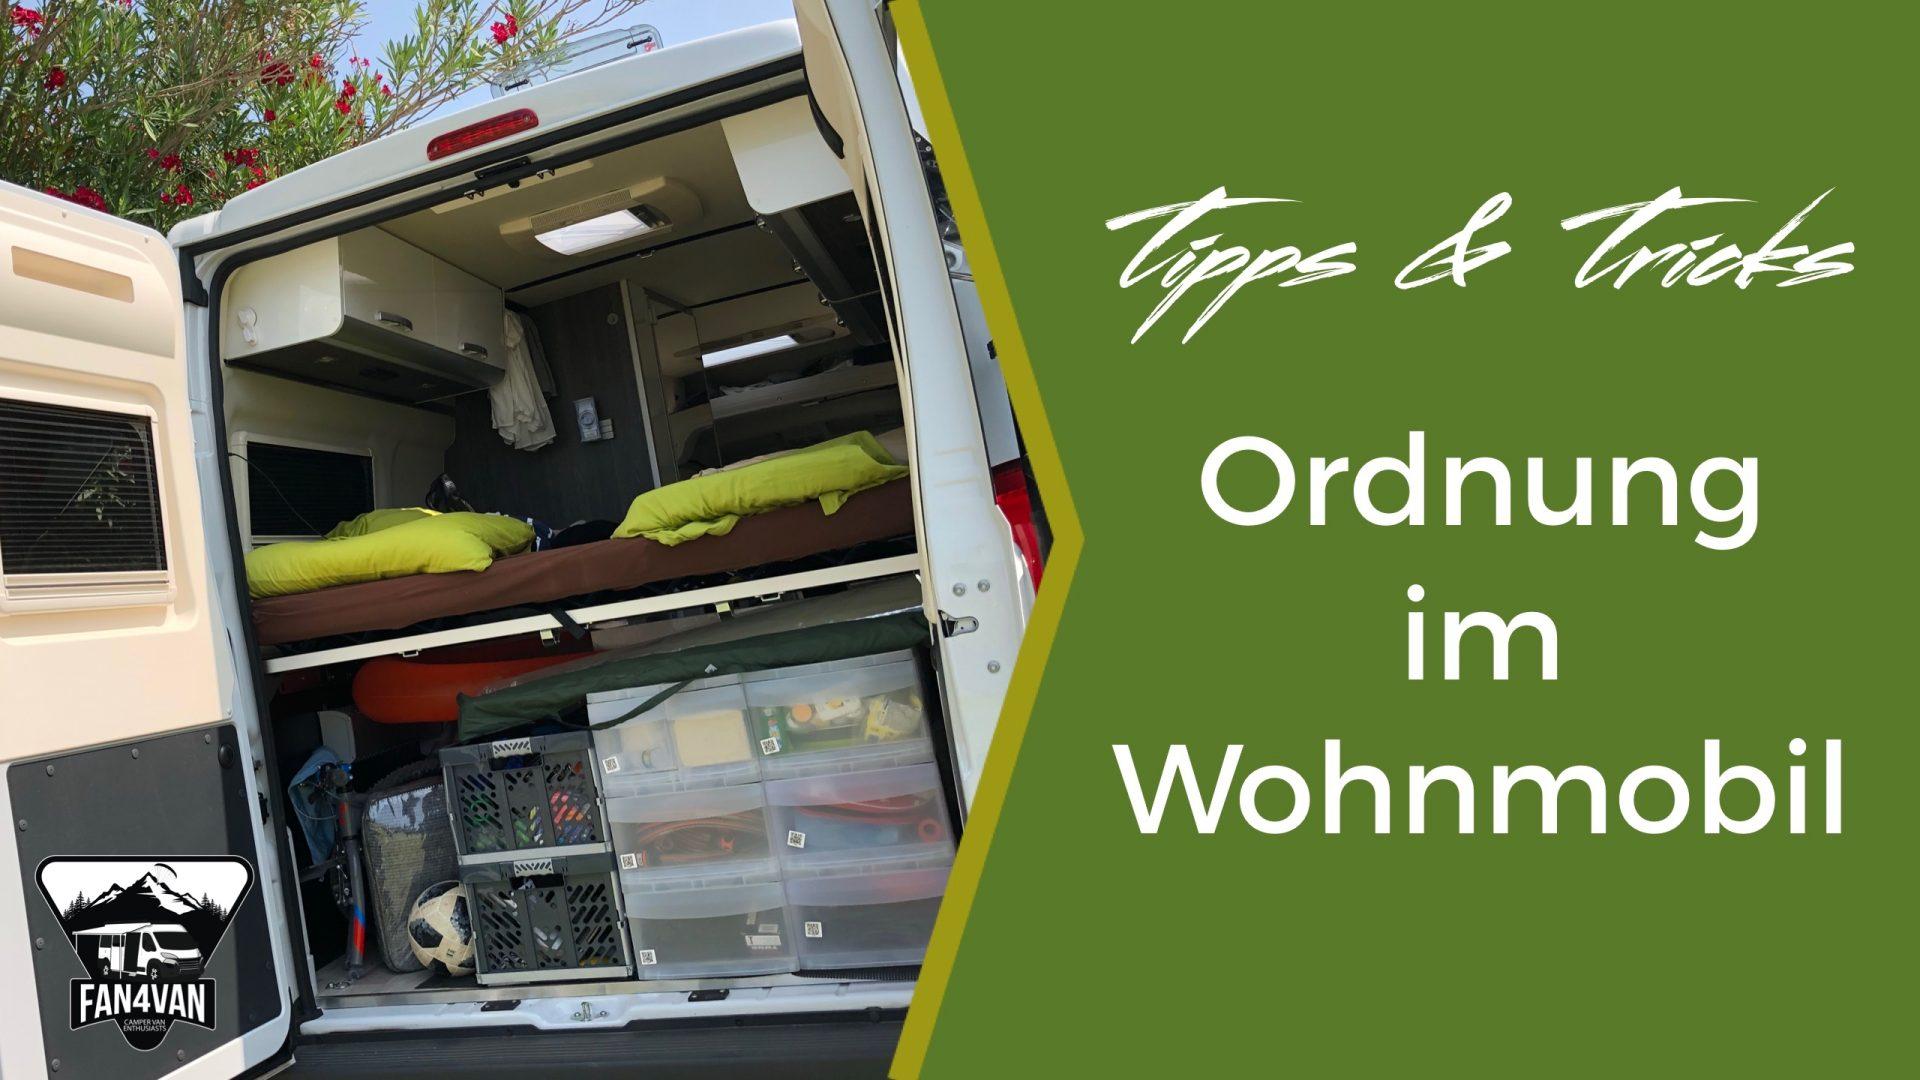 Ein ordentliches Schubladensystem im Wohnmobil sorgt für Ordnung